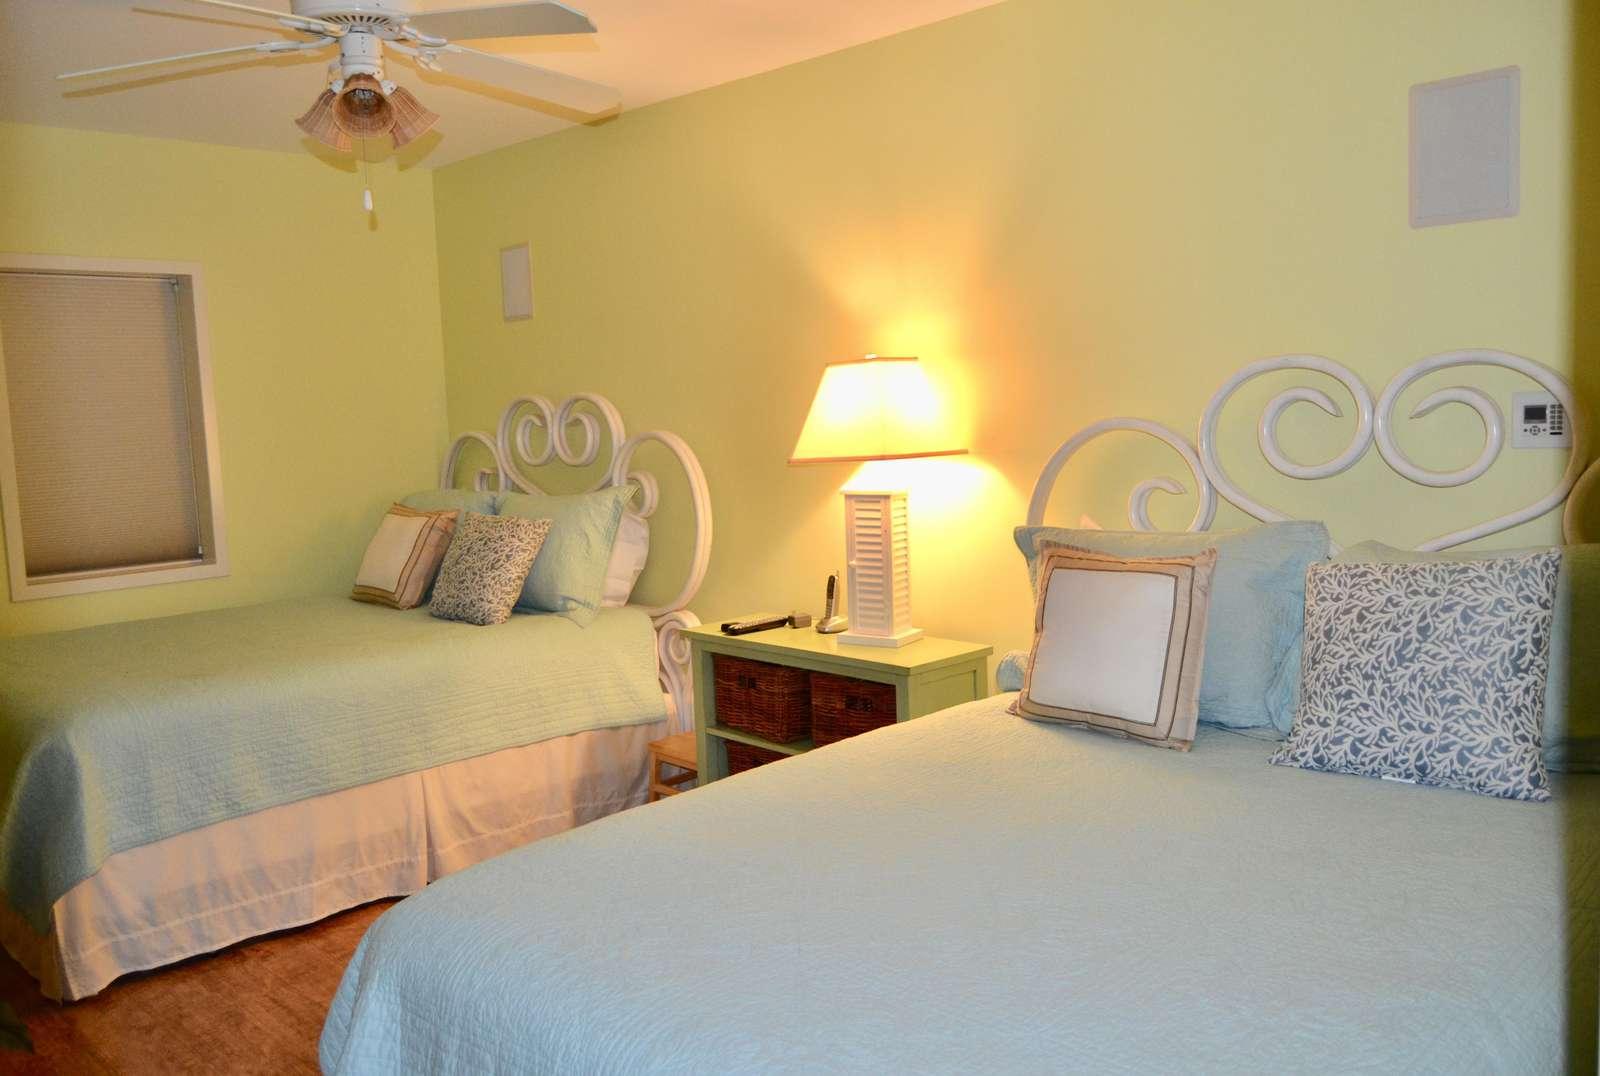 Bedroom 2, 2 Queen beds